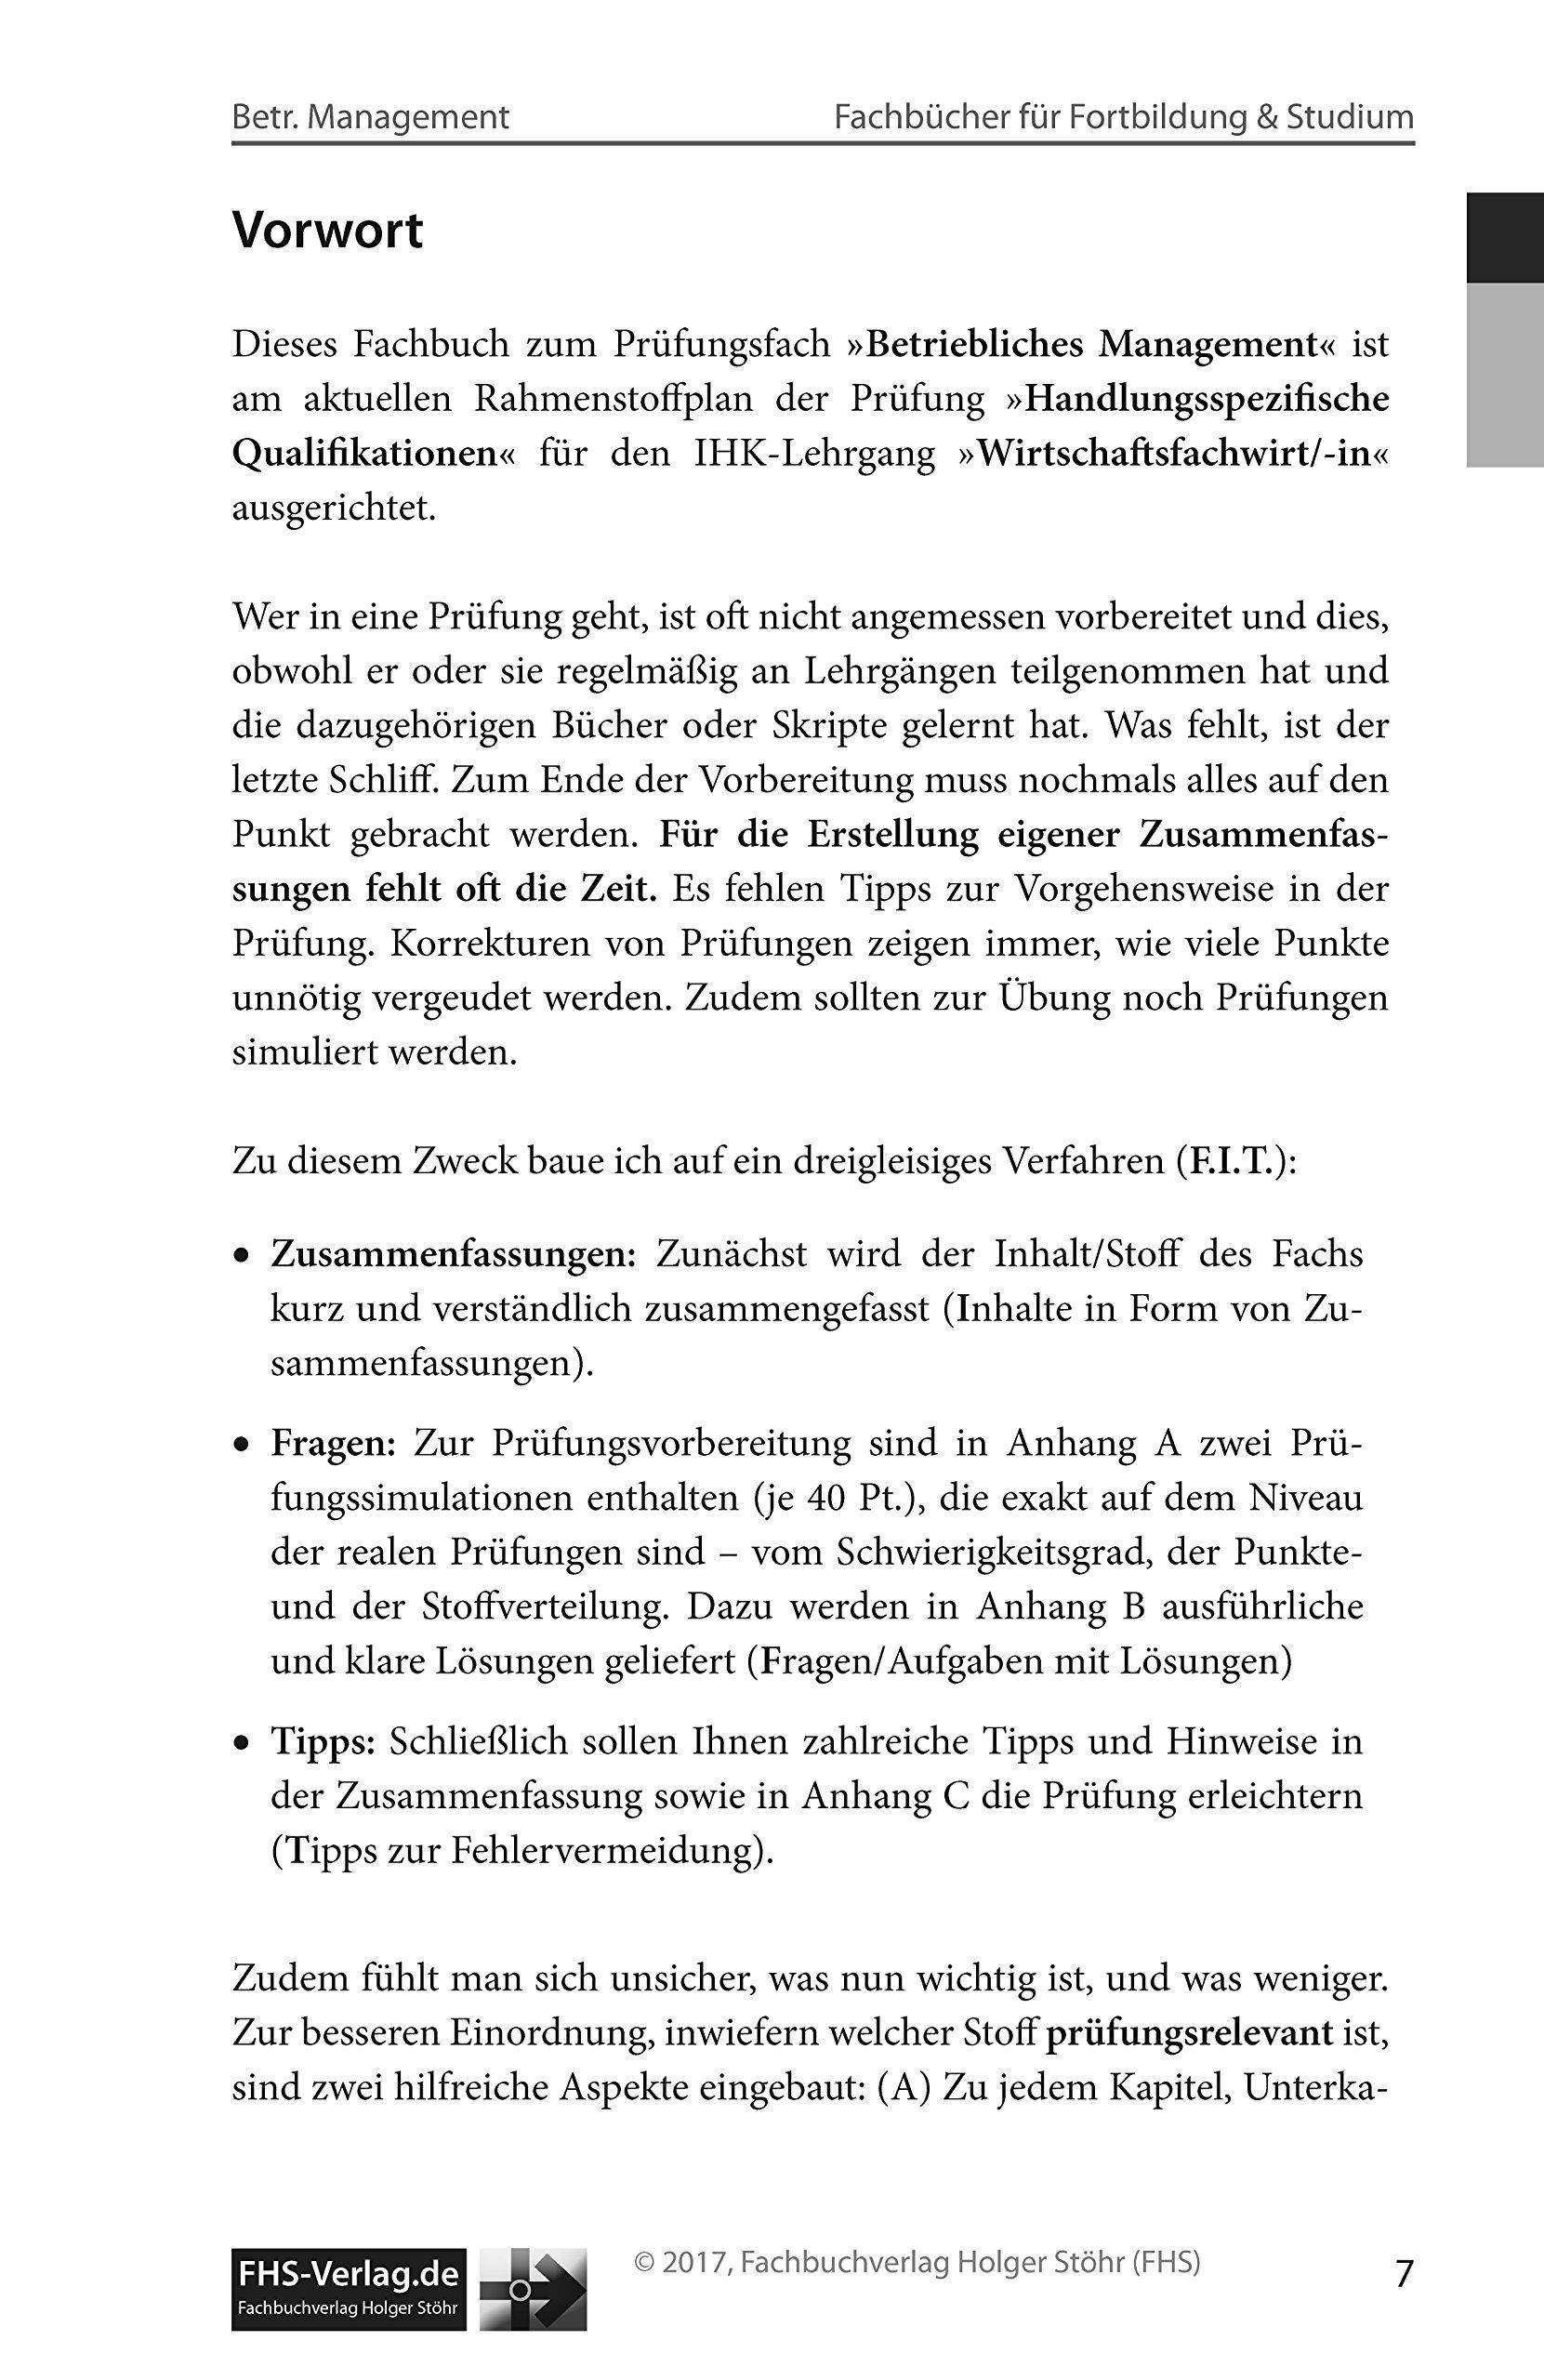 Charmant Essensservice Lebenslauf Qualifikationen Galerie - Beispiel ...